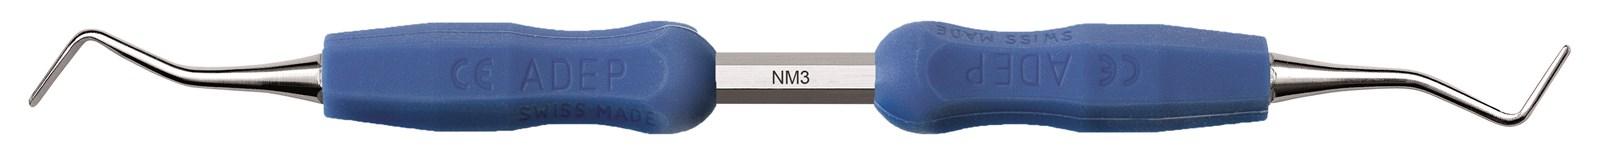 Lžičkové dlátko - NM3, ADEP červený